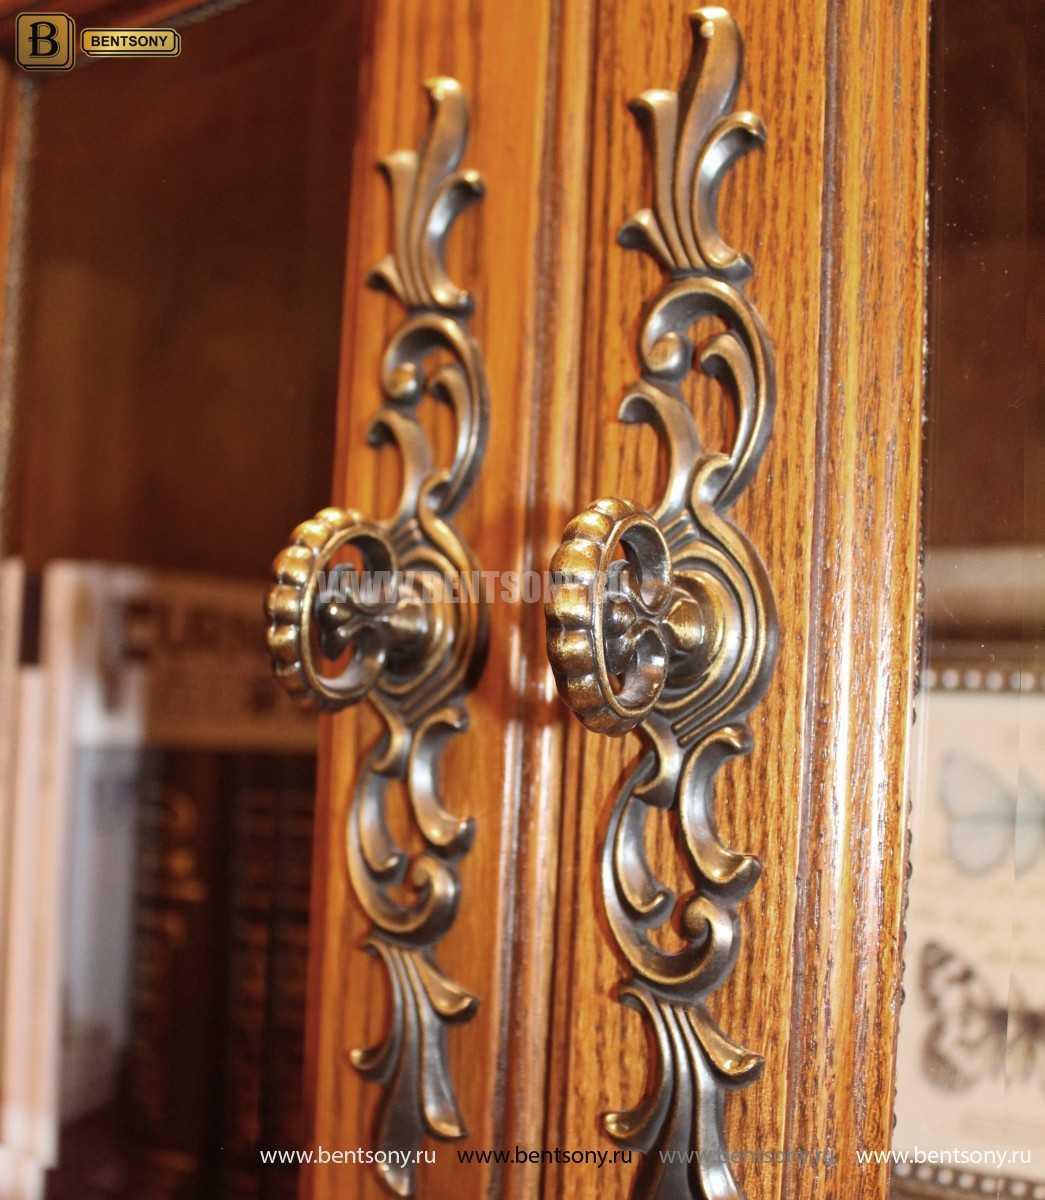 Витрина 4-х дверная Монтана (Массив дерева, классика) для загородного дома